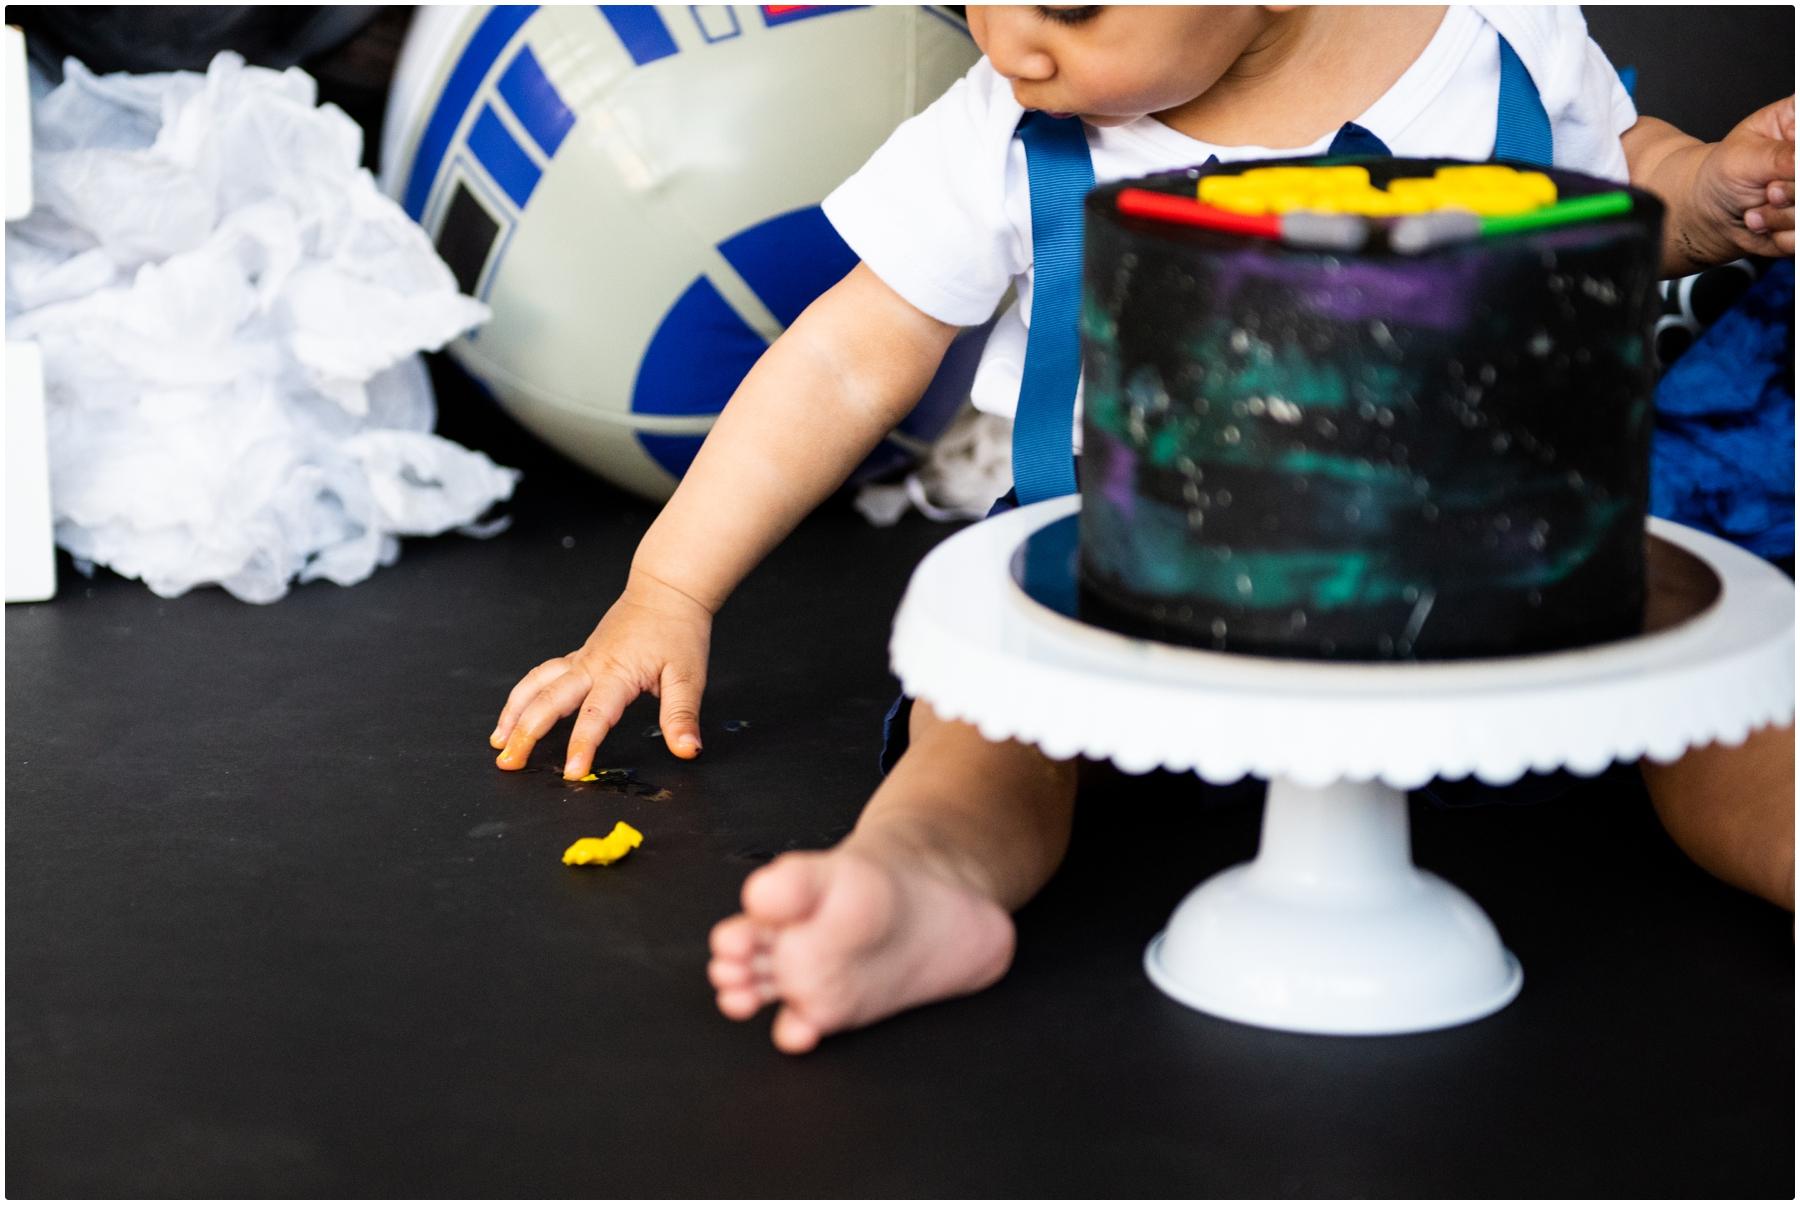 First Birthday Cake Smash Photos Calgary - Star Wars Cake Smash Photos